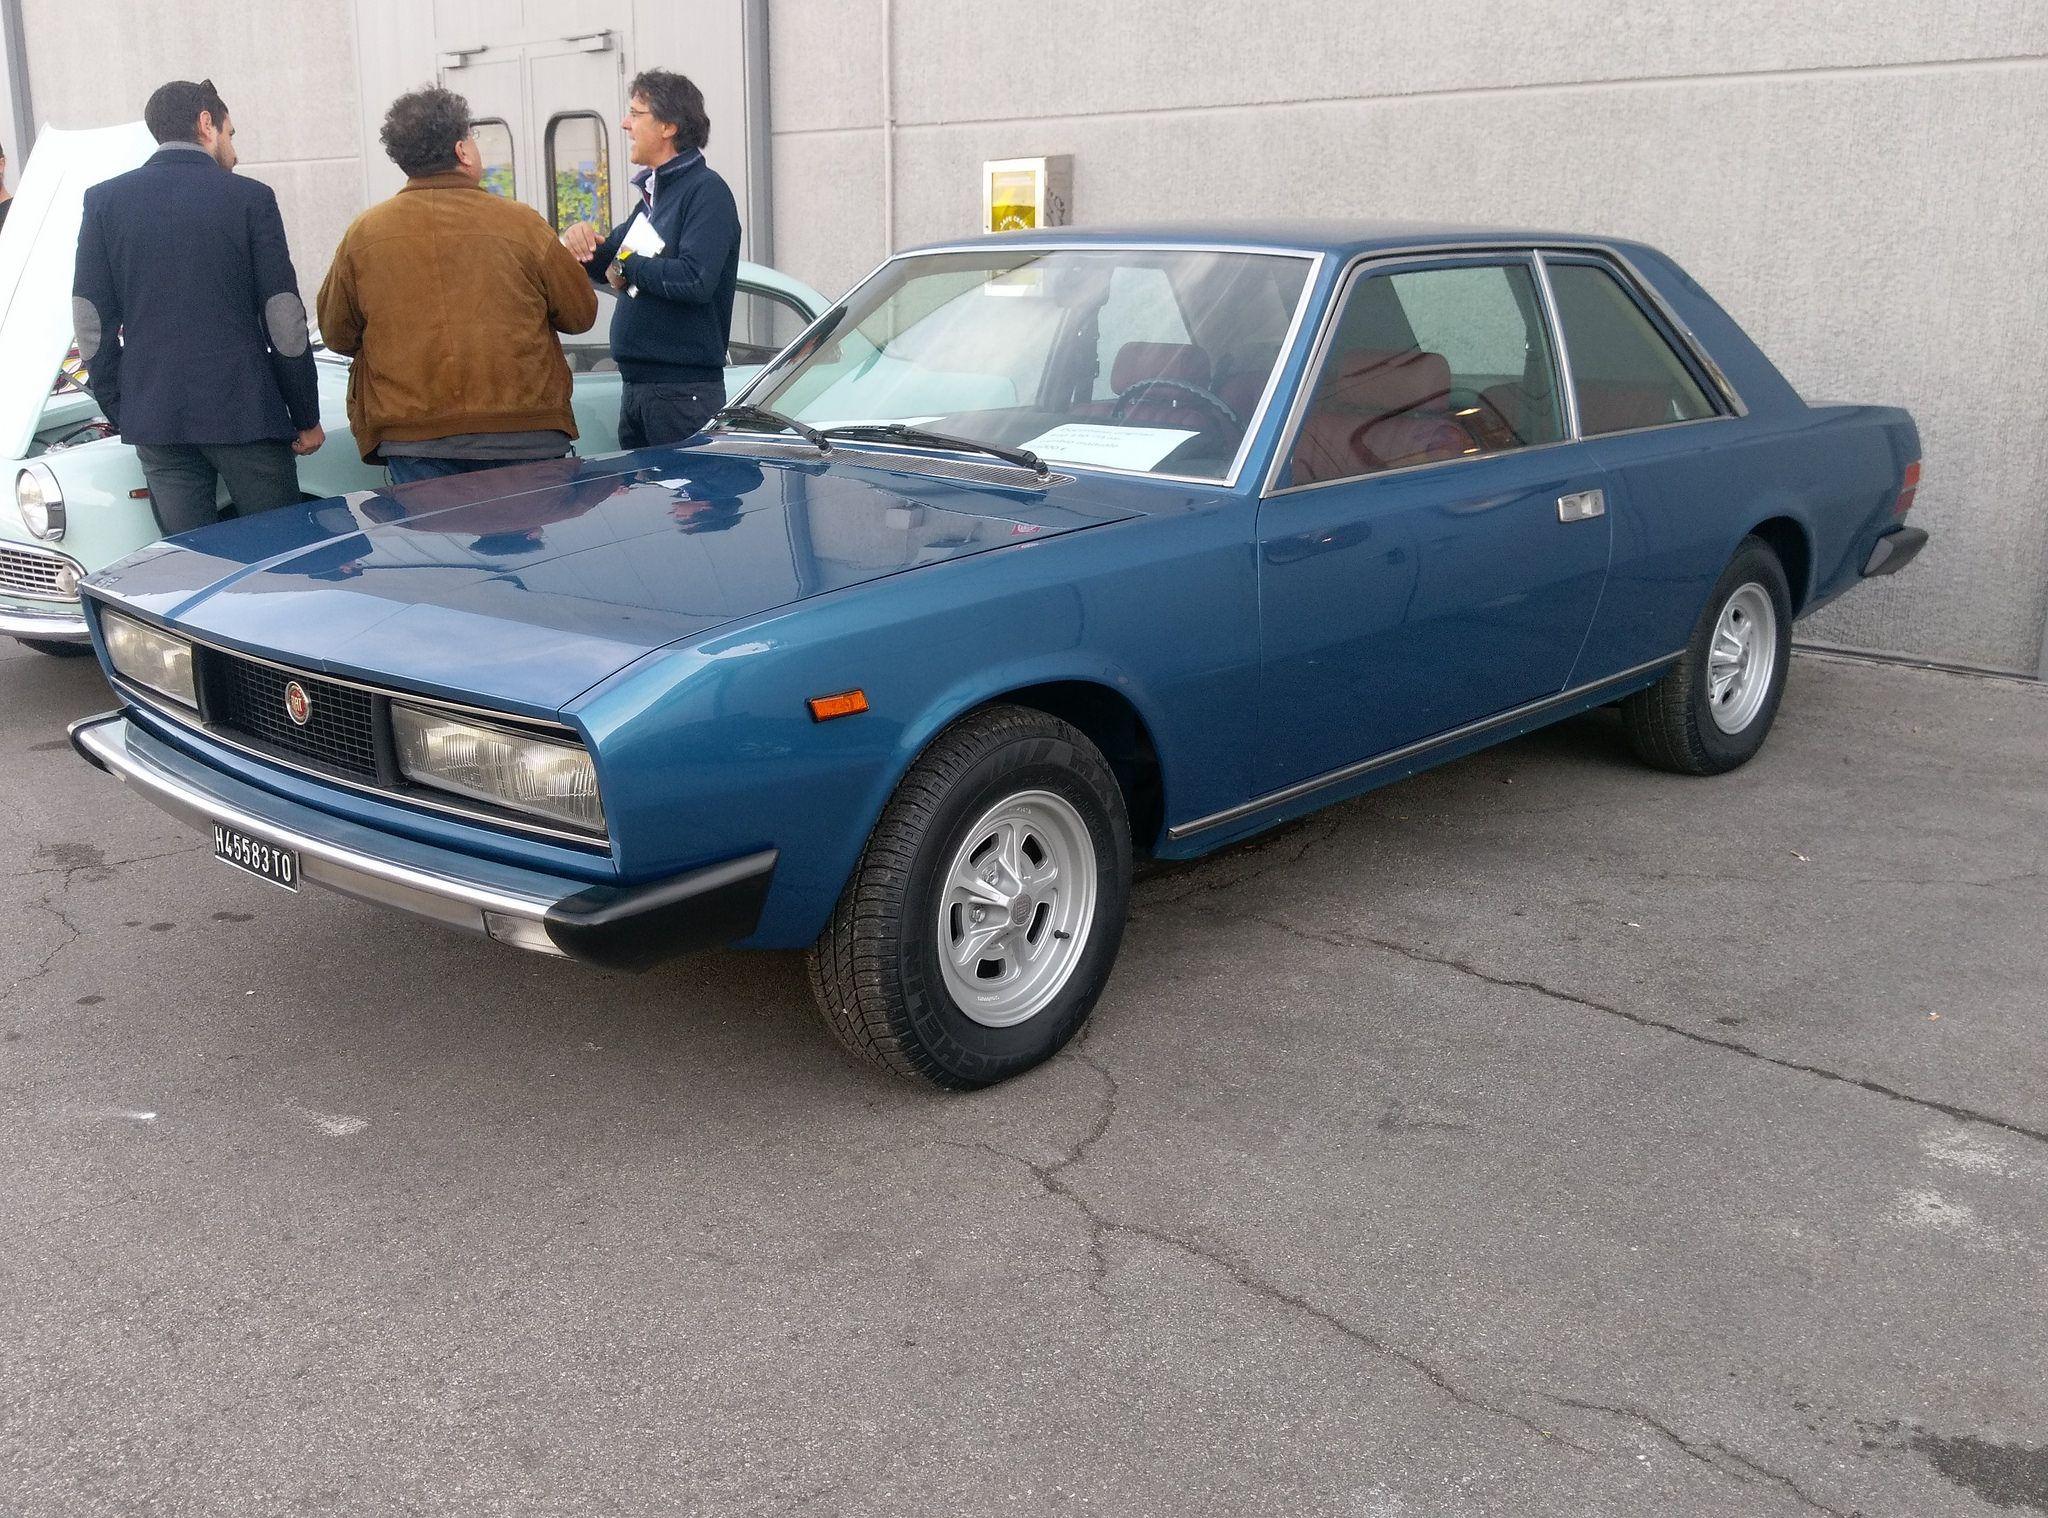 Fiat 130 3200 Coupé Fiat Classic Cars Coupe